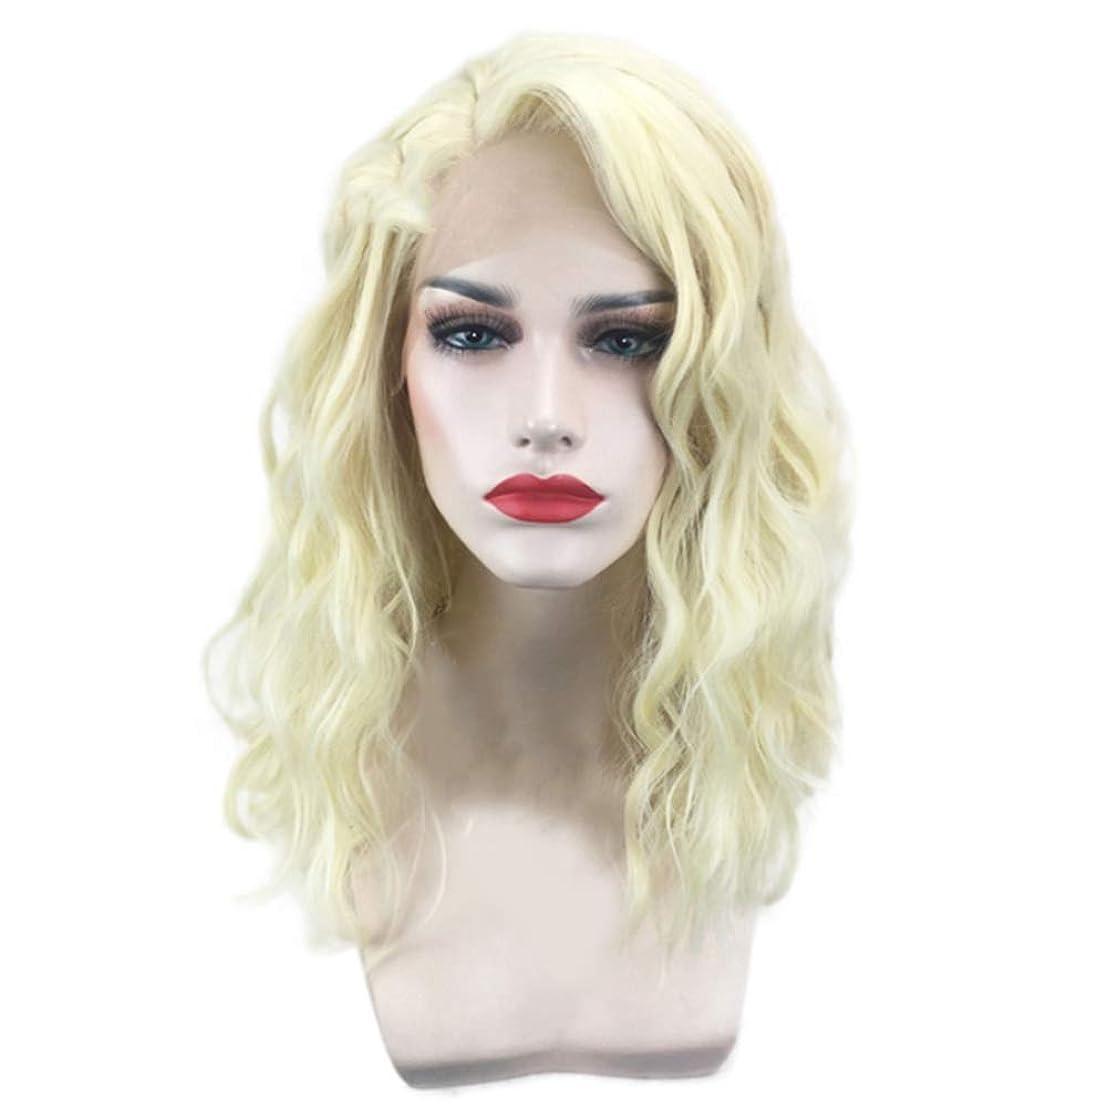 十一設置宇宙の女性のための短い巻き毛のかつらゴールドウェーブヘアかつら自然に見える耐熱合成ファッションかつらコスプレ気質